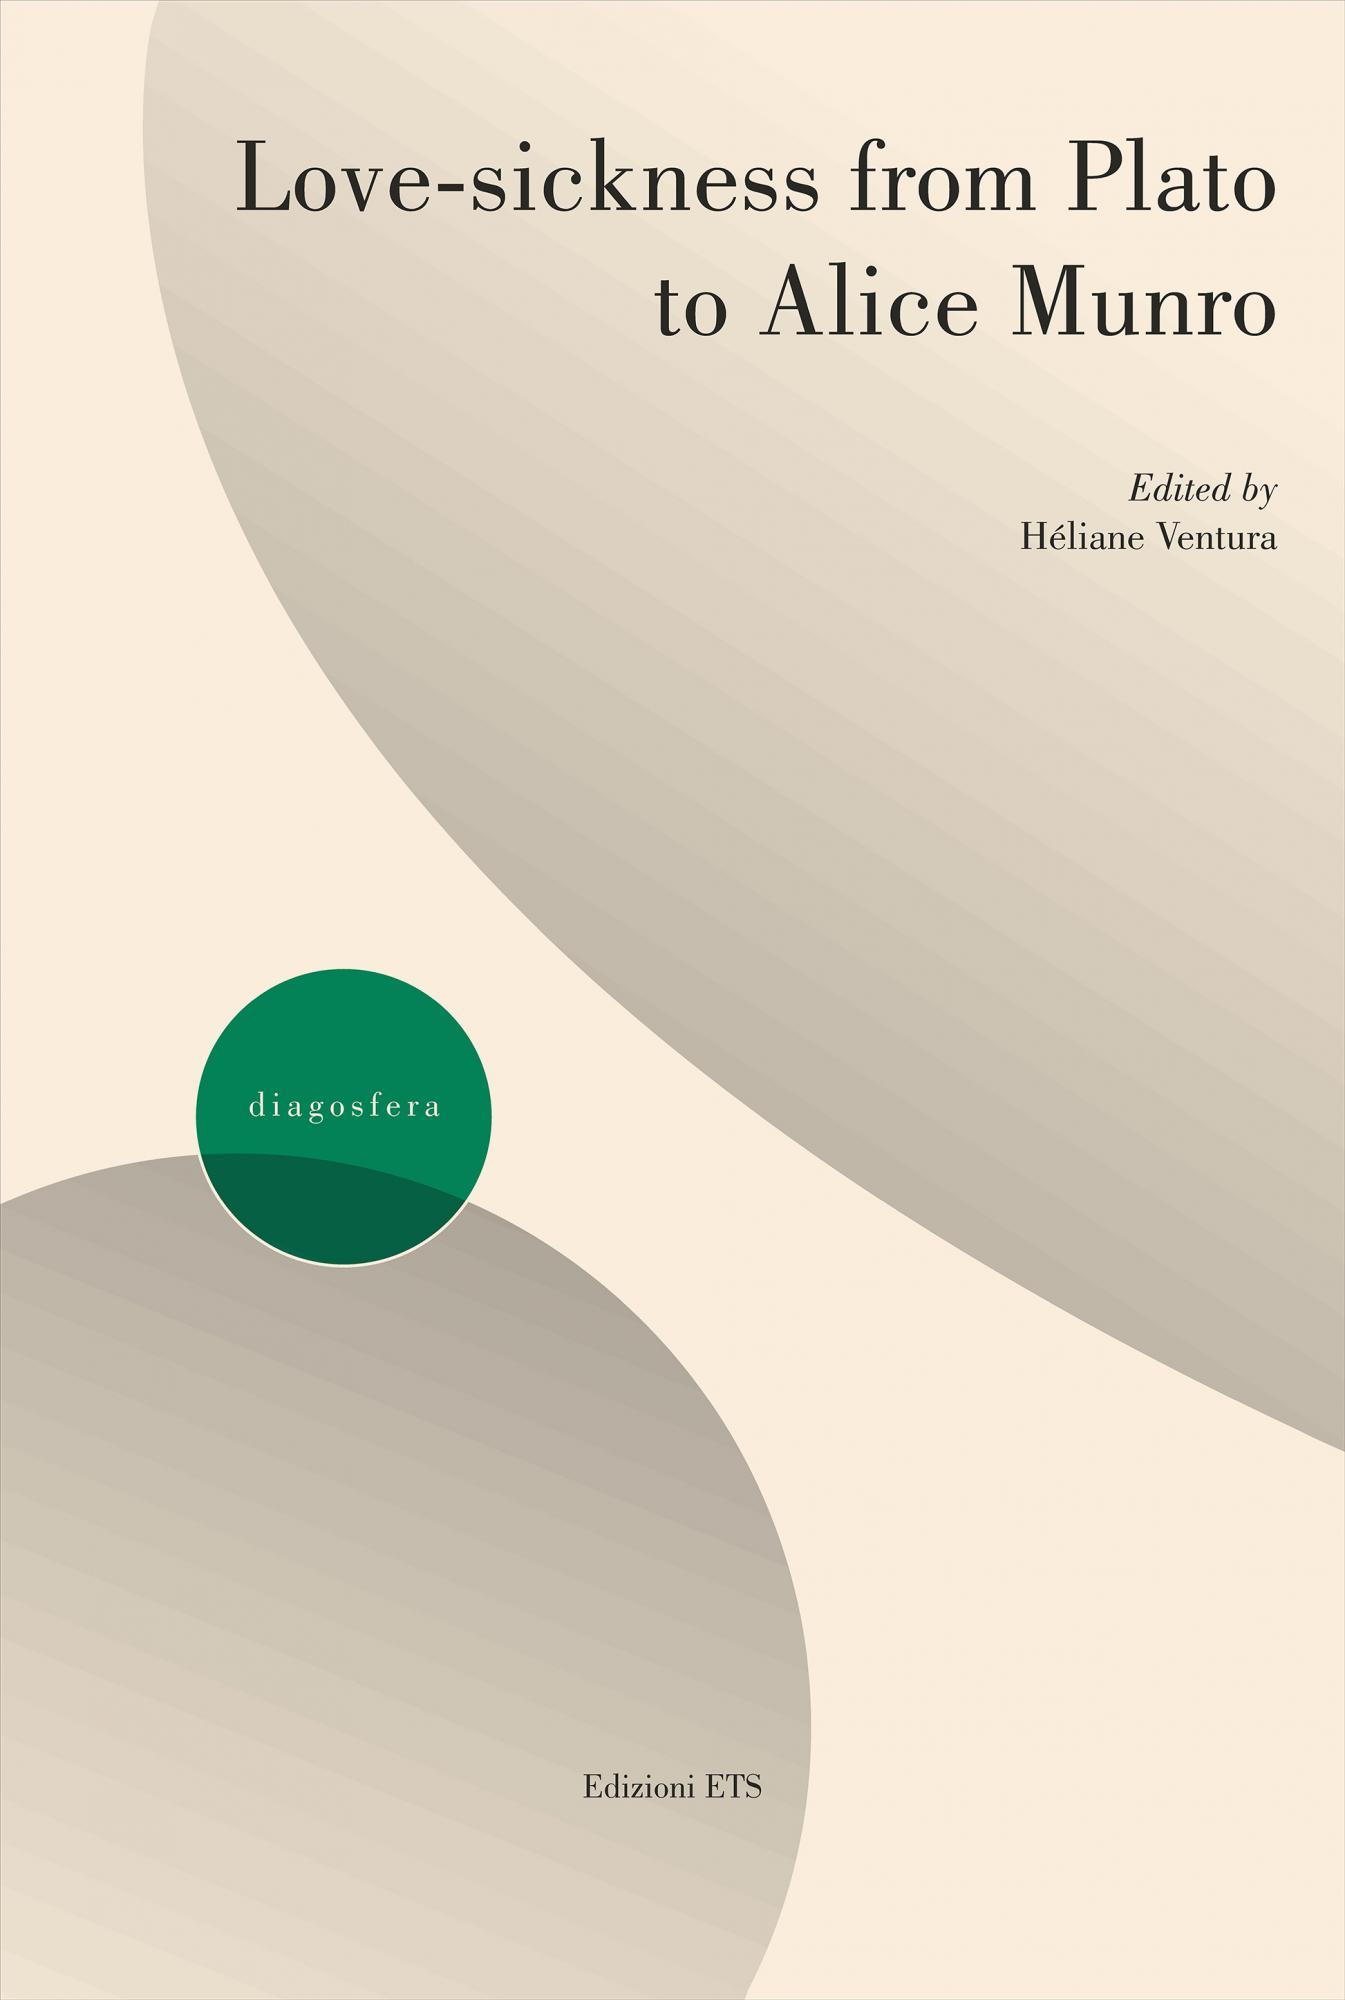 Love-sickness from Plato to Alice Munro-<em>novità in arrivo</em>